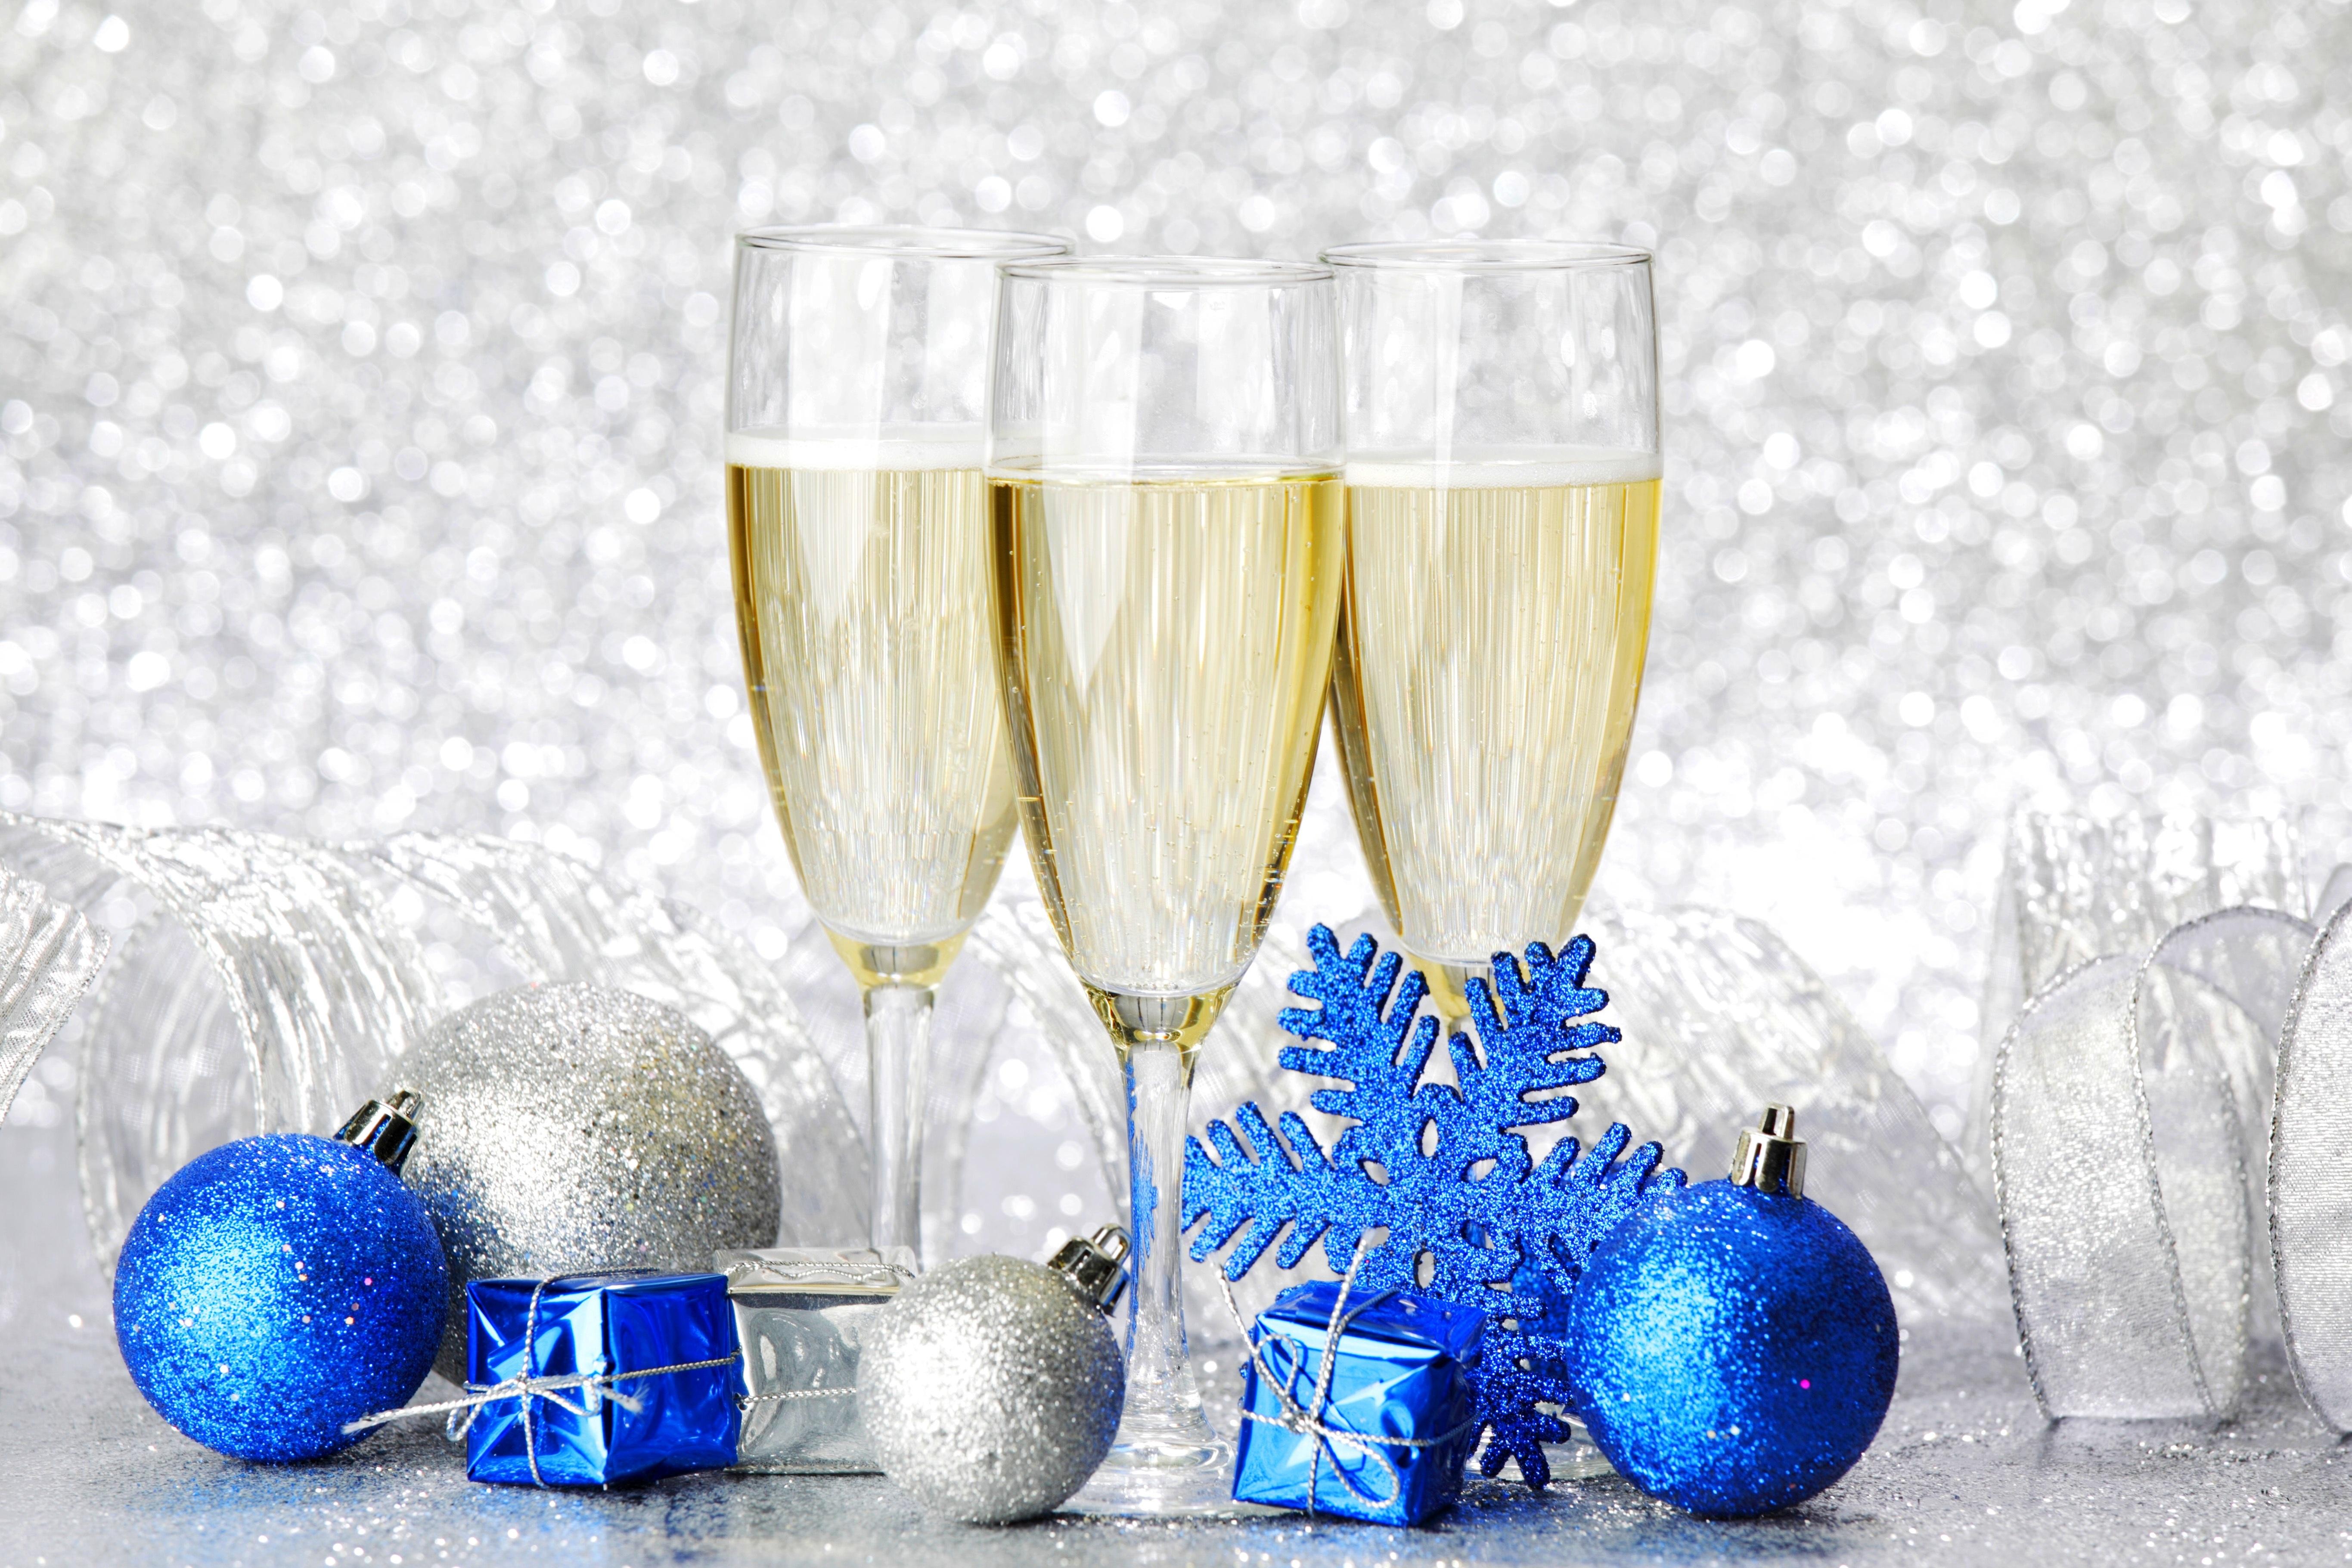 шампанское в снегу картинки нужно